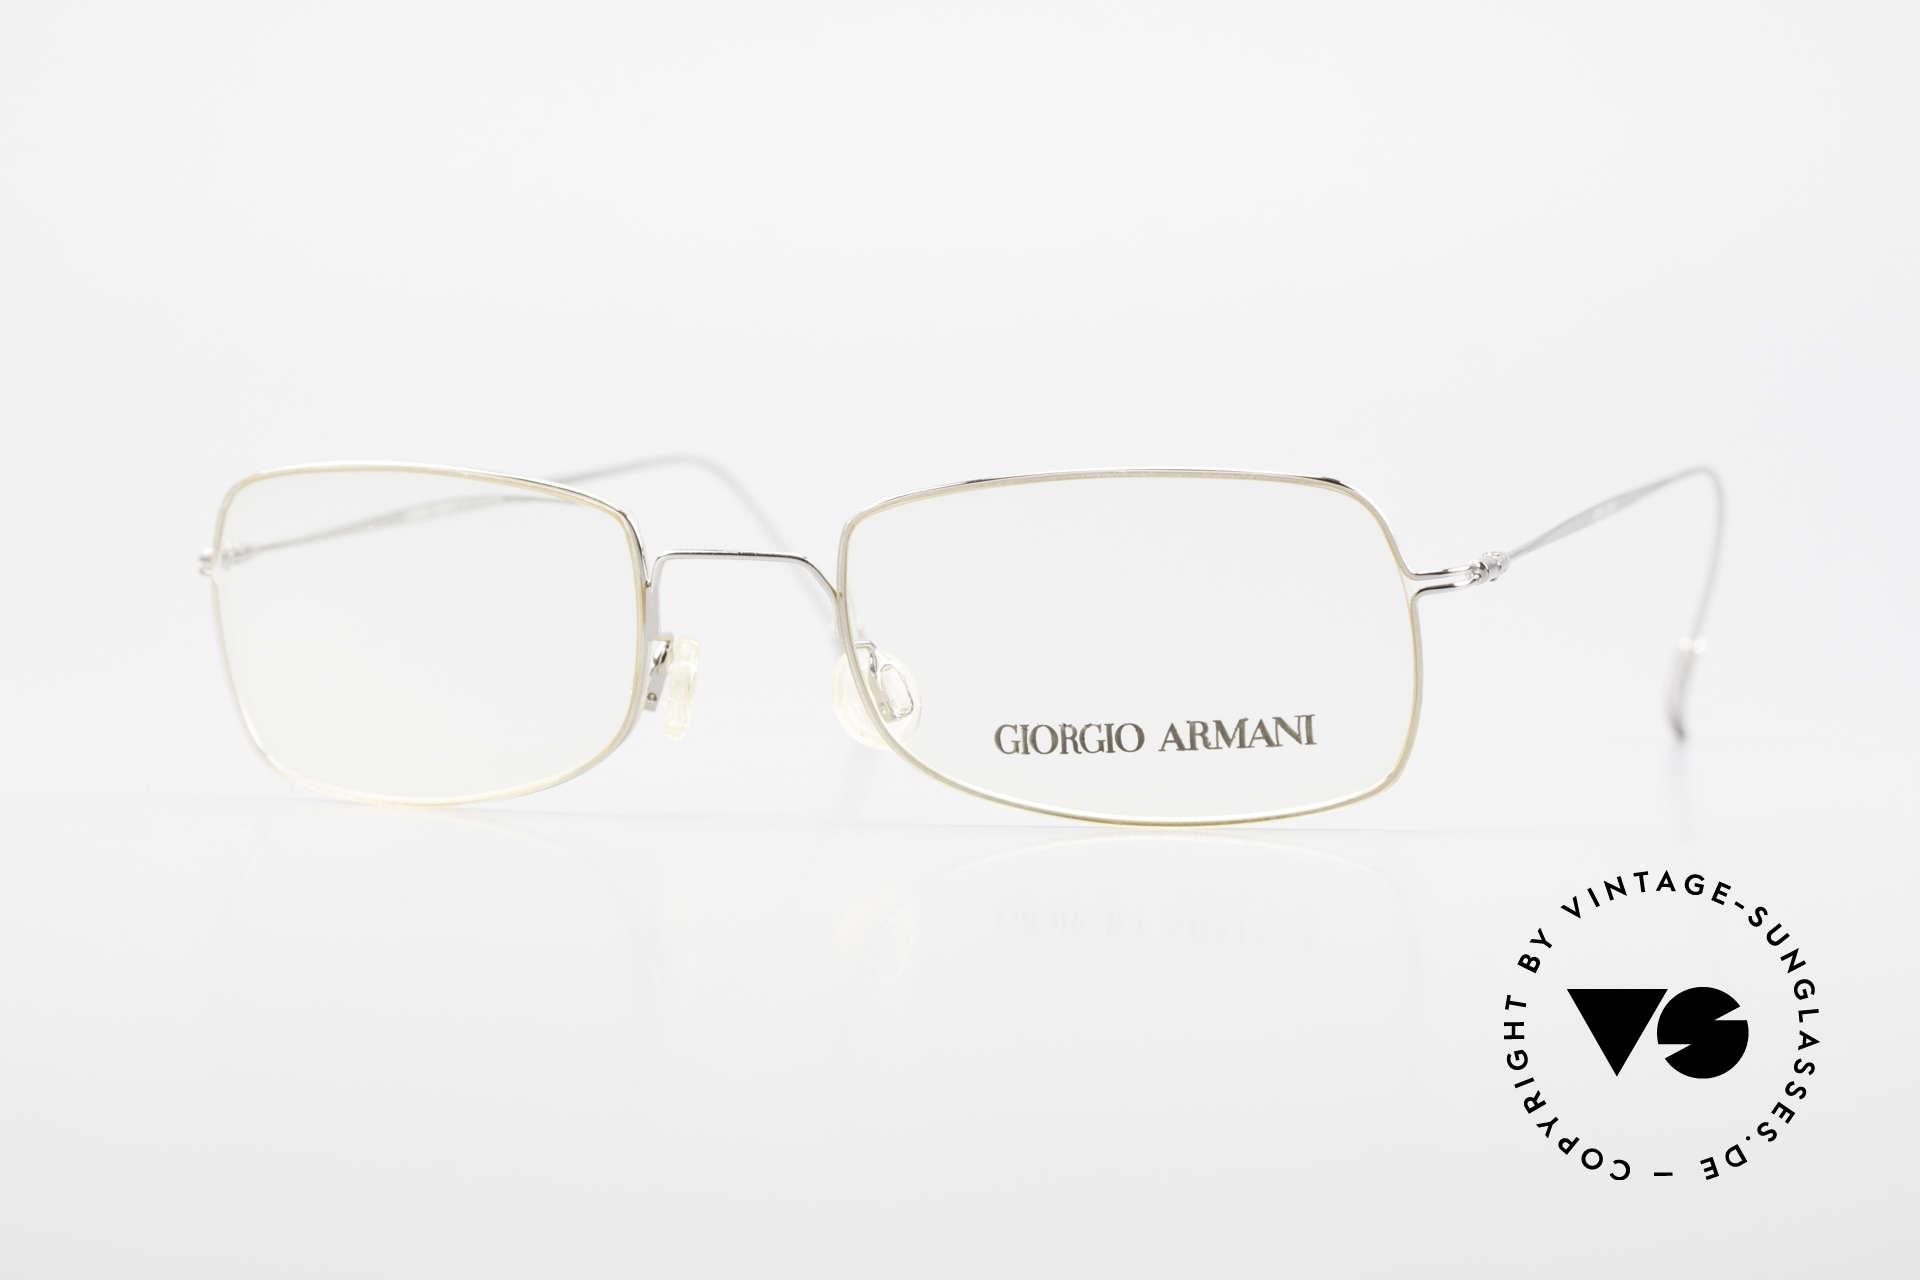 Giorgio Armani 1091 Small Wire Glasses Unisex, Giorgio Armani, Mod. 1091, col. 707, Gr. 48/17, 135, Made for Men and Women